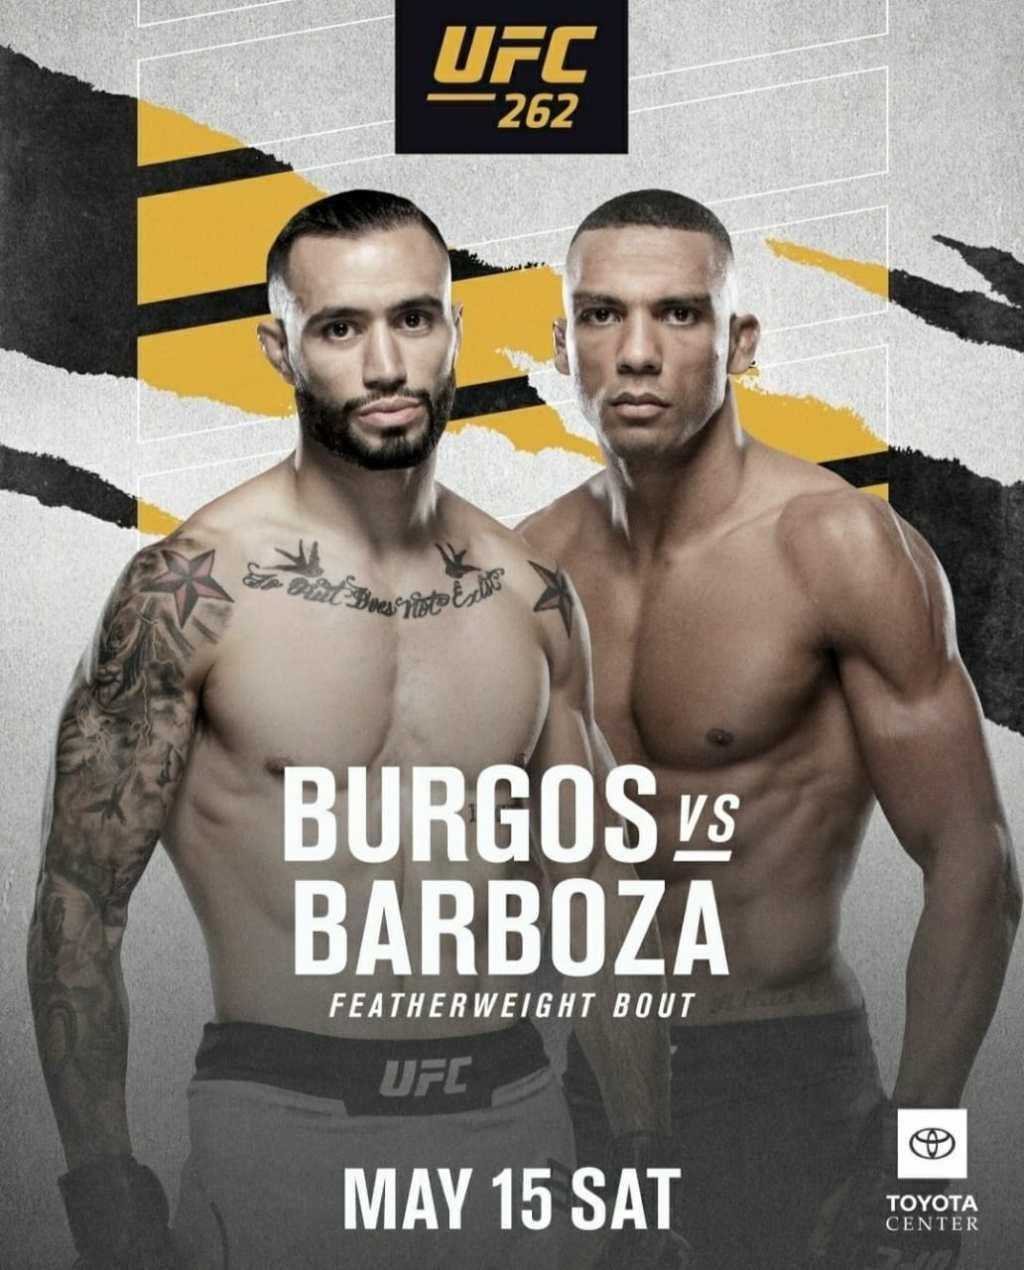 UFC 262 Burgos vs Barboza | Ultimate Fighting Championship Burgos vs Barboza